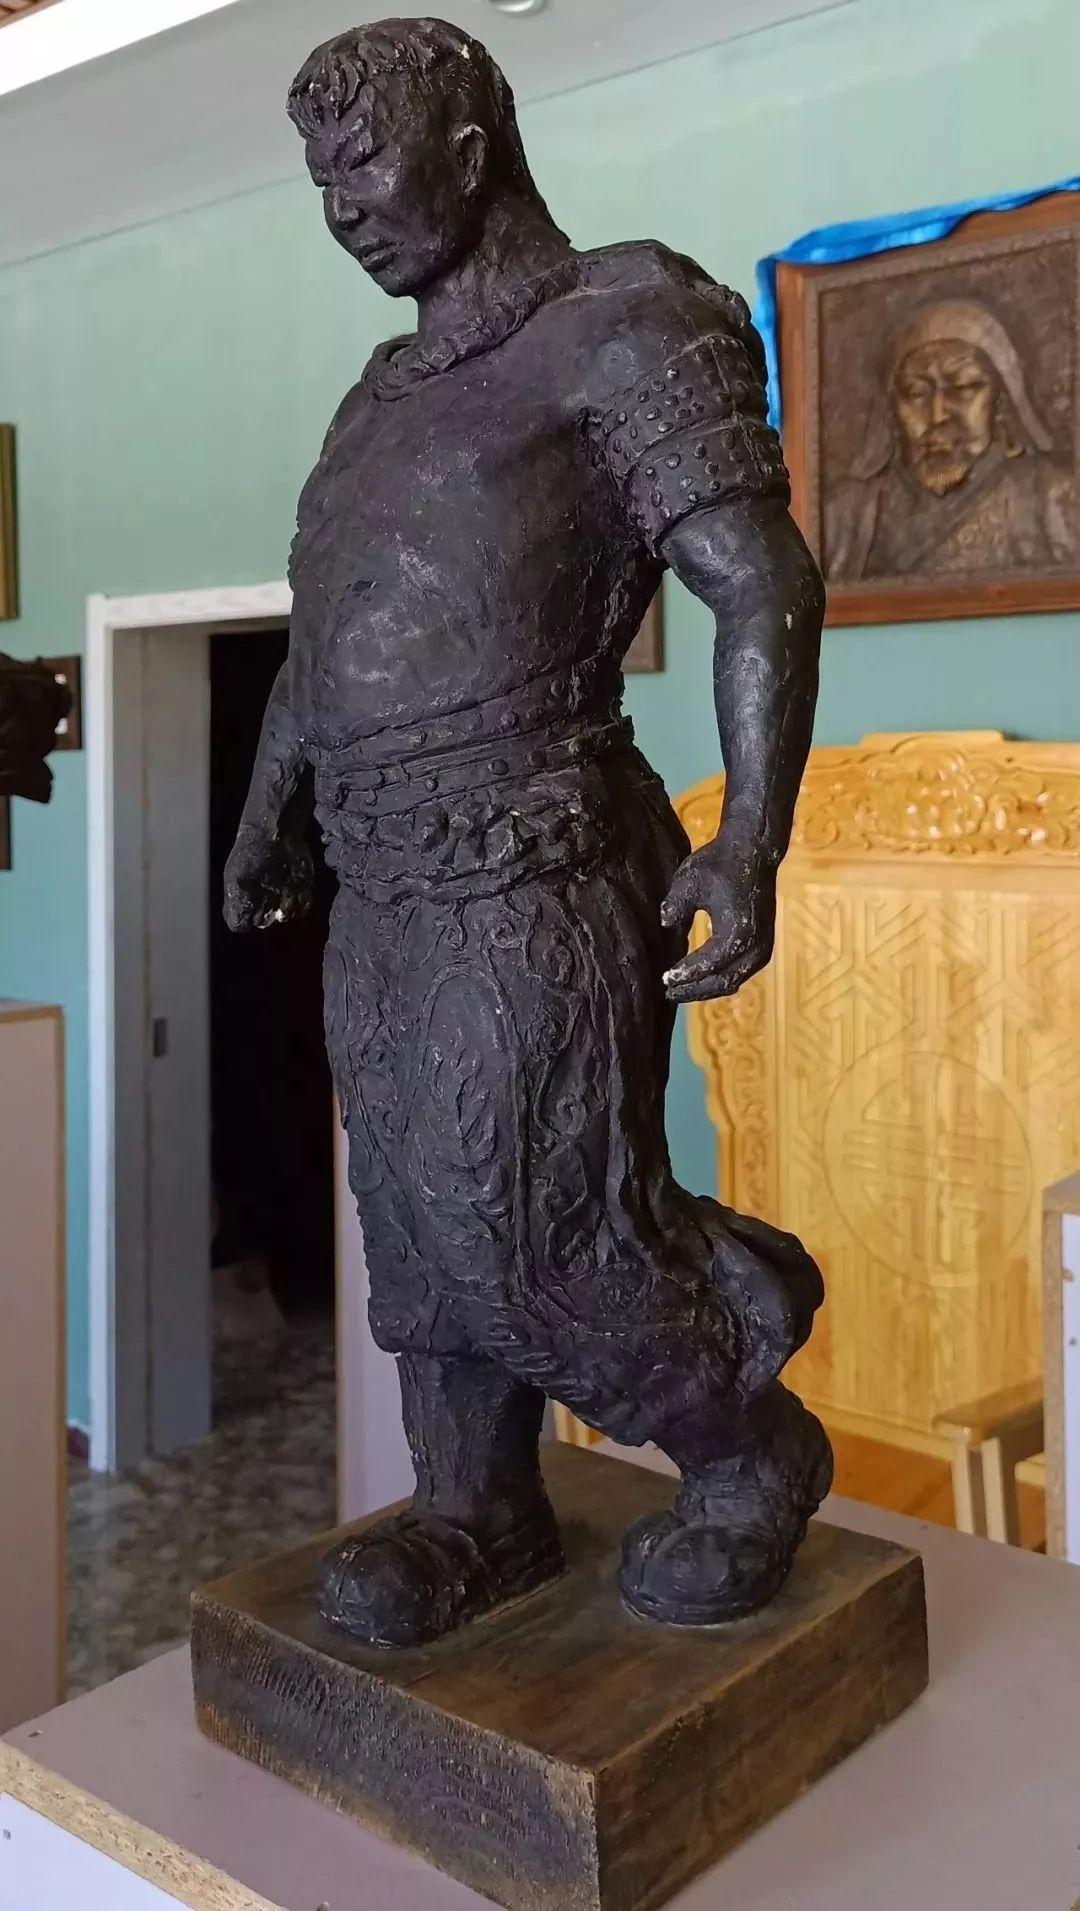 【头条】蒙古族小伙用雕塑艺术创作出个性作品 第5张 【头条】蒙古族小伙用雕塑艺术创作出个性作品 蒙古画廊